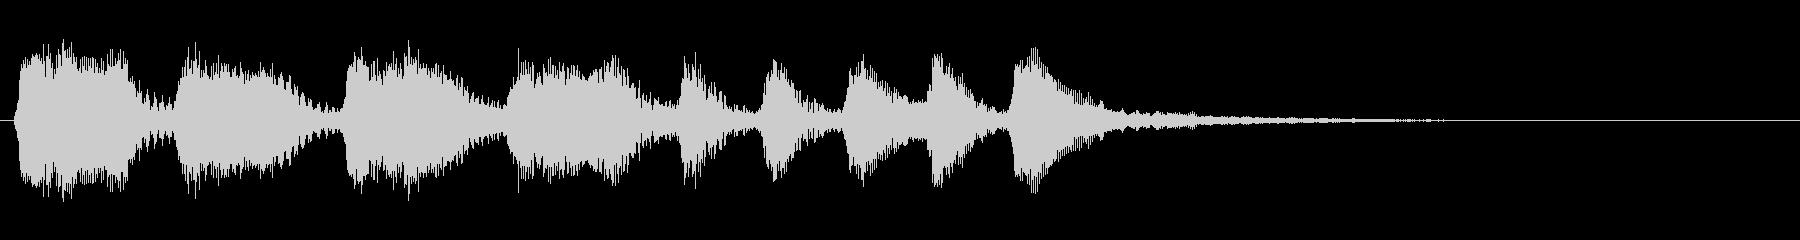 弦楽四重奏ジングル06_おてんばの未再生の波形